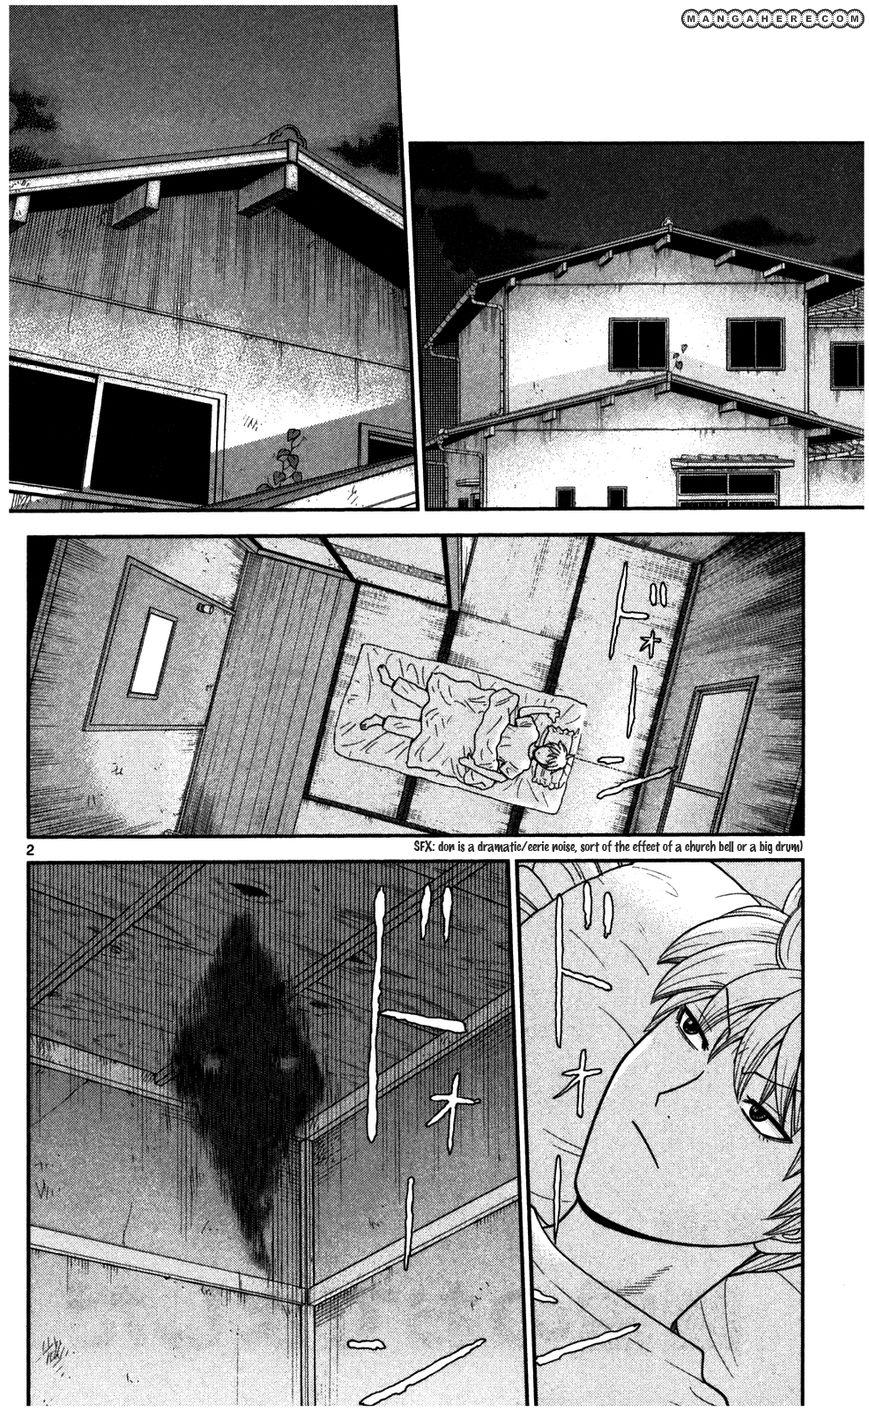 Koutetsu no Hanappashira 5 Page 1